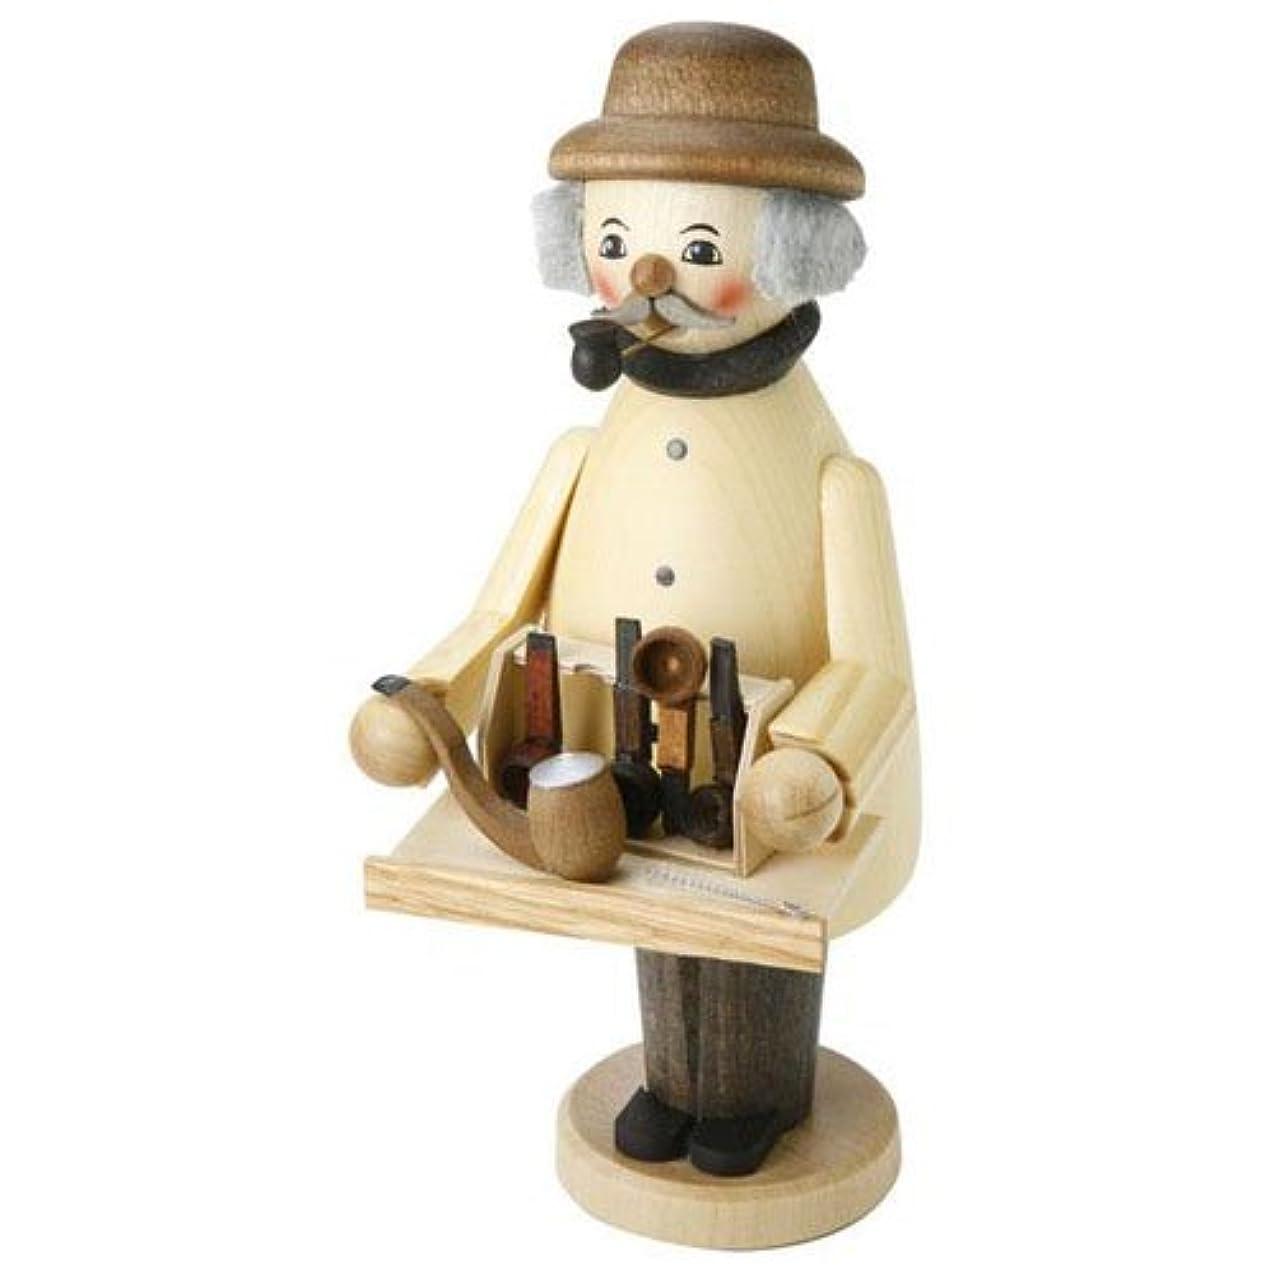 有名な二年生エンティティ39089 Kuhnert(クーネルト) ミニパイプ人形香炉 パイプ売り